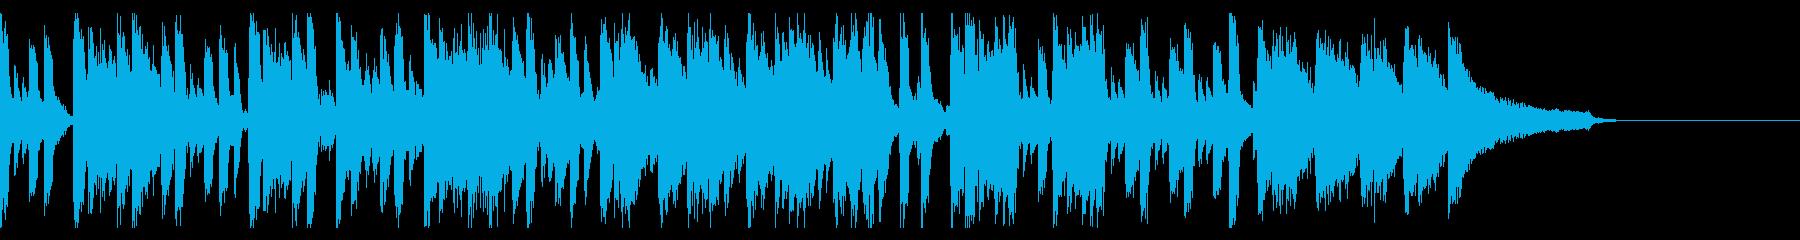 おしゃれ、現代的、CM、ピアノの再生済みの波形